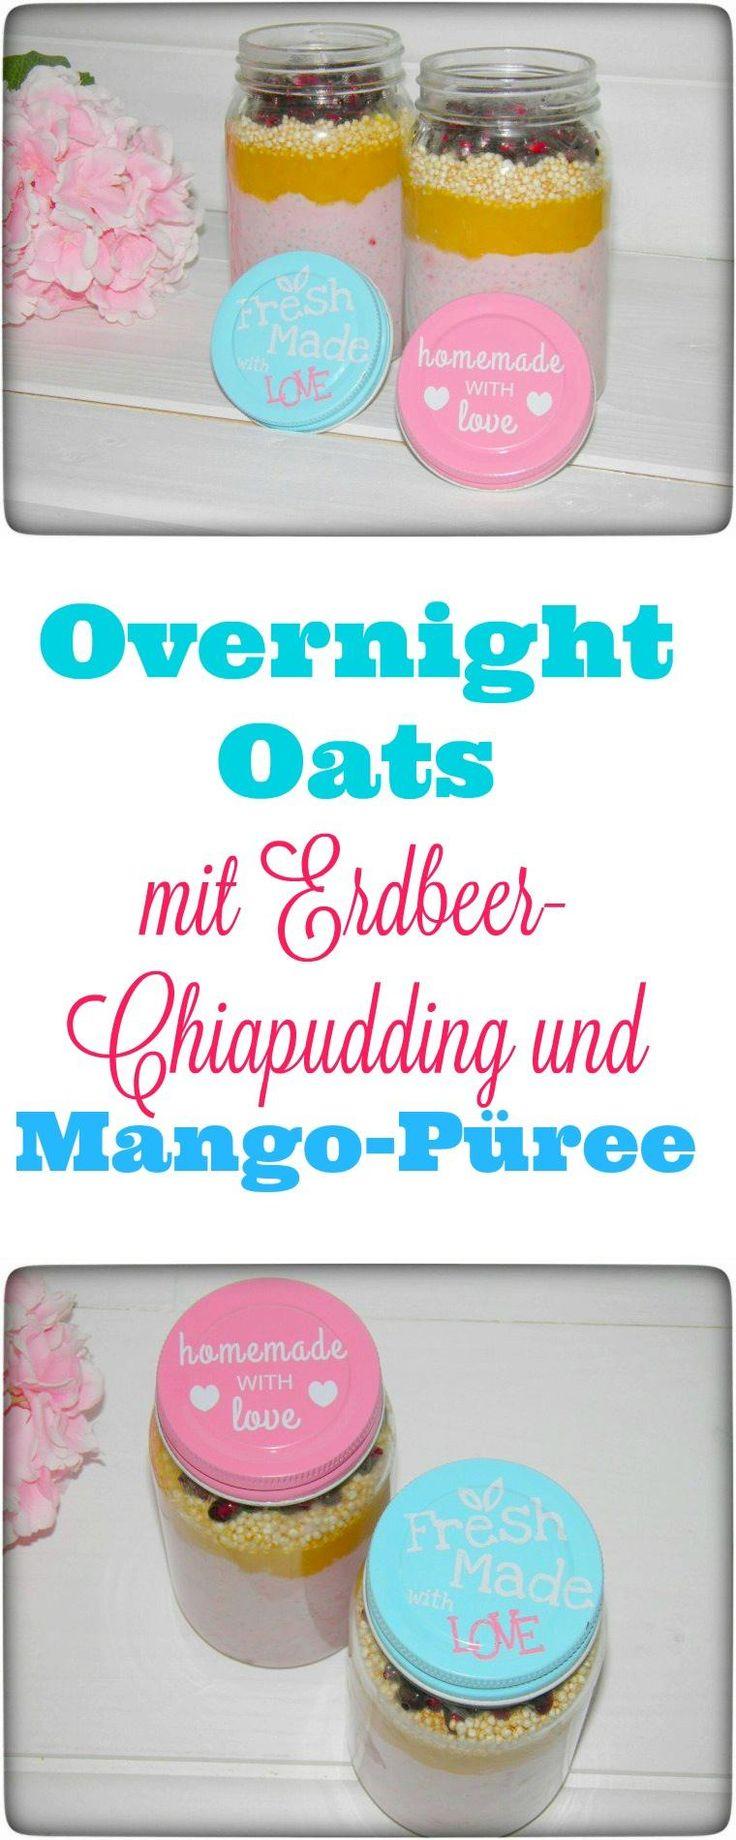 Overnight Oats aus Erdbeer-Chiapudding mit Kokosmilch und Mango. Hört sich das nicht schon geschrieben lecker an? Eine wunderbare To-go Alternative für die Arbeit. Ich liebe Chia.  #chia #overnightoats #frühstück